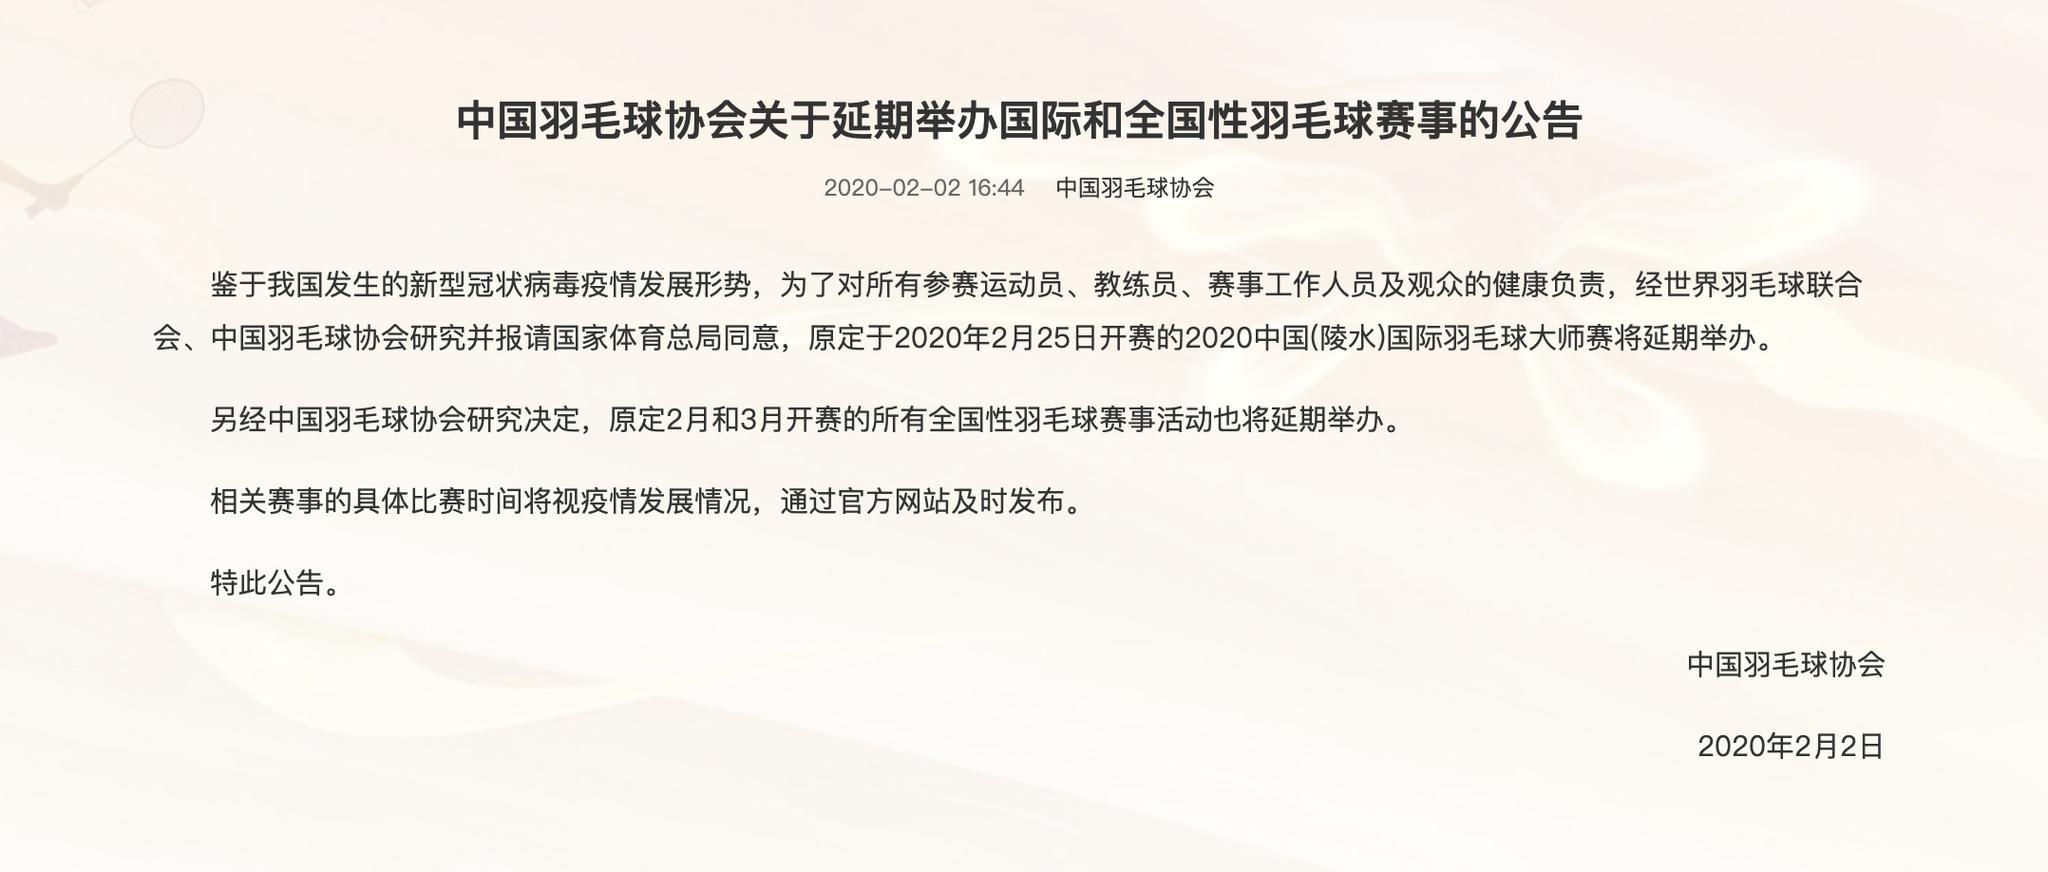 中国羽协:2月3月所有全国性羽毛球赛事活动延期图片